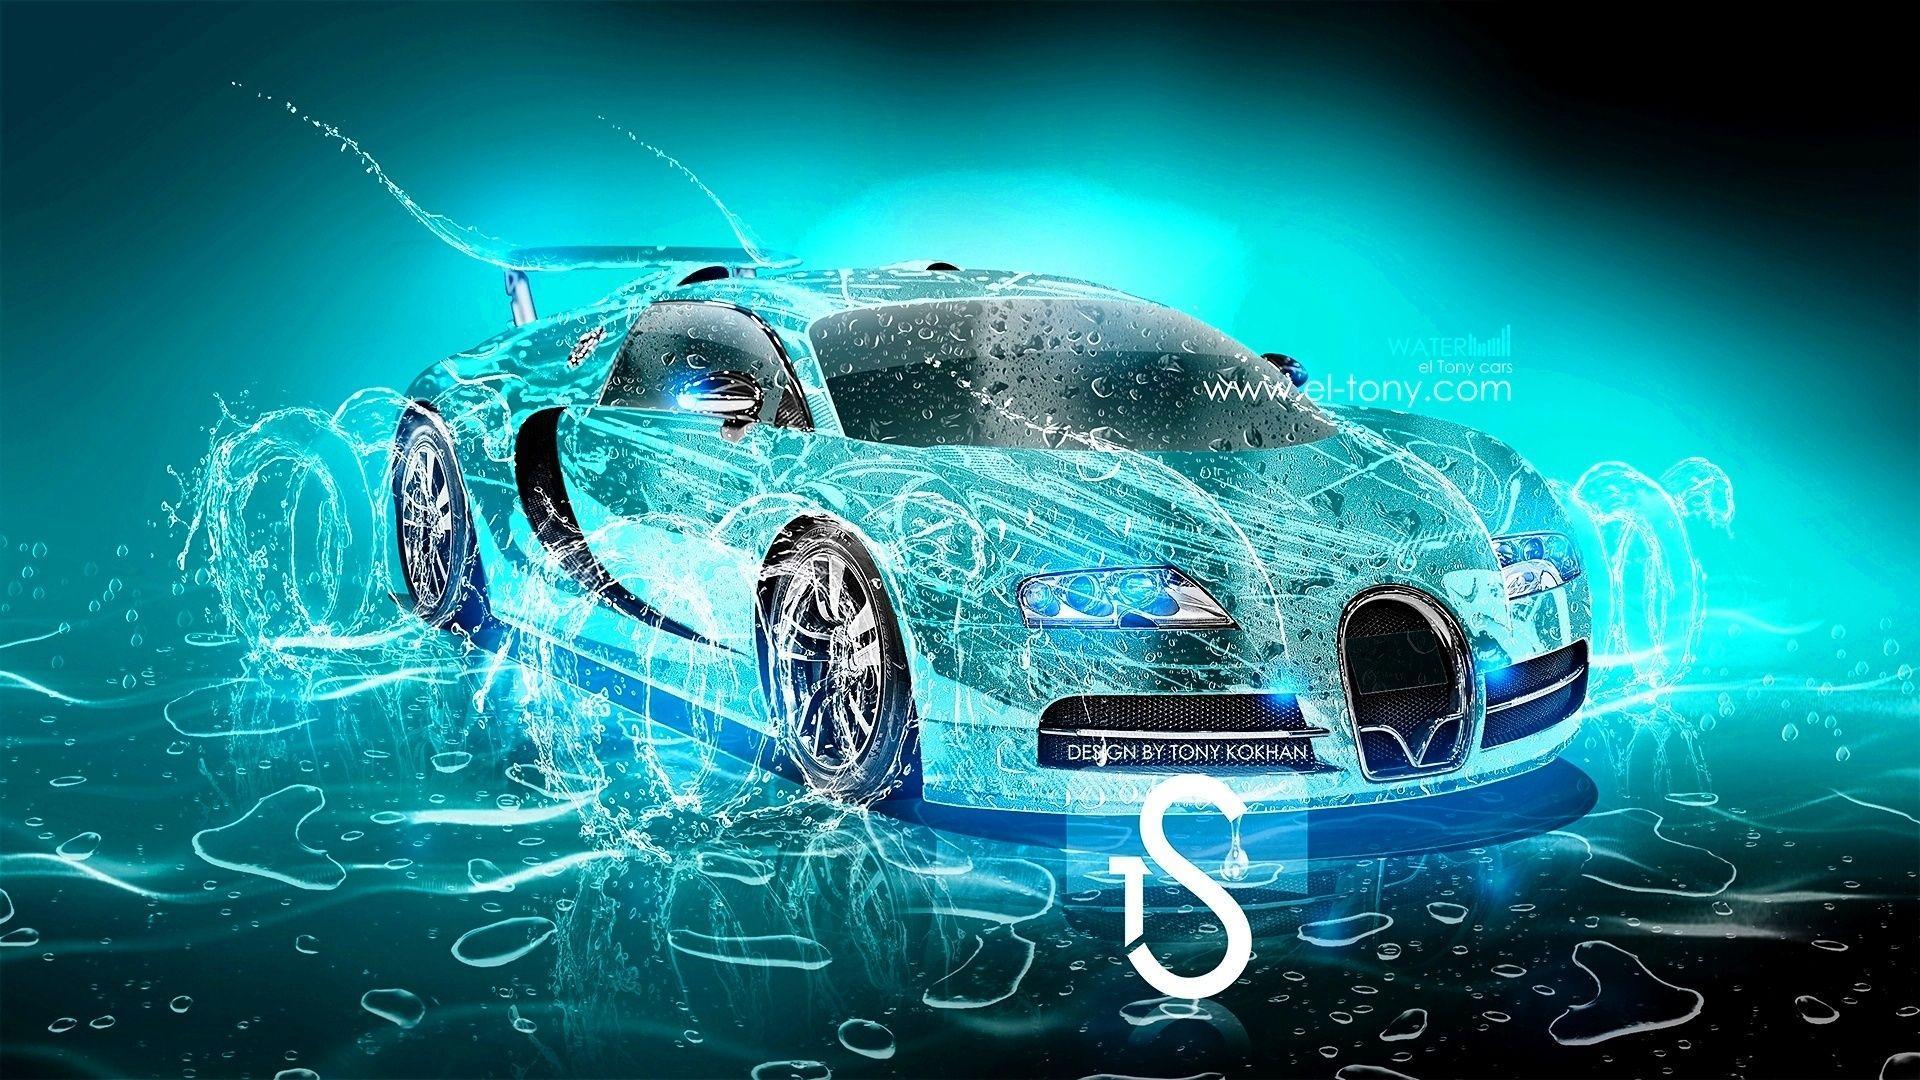 Màn trình diễn tài năng thiết kế 1920x1080 Mang yếu tố gợi cảm Lửa và Nước vào Hình nền ô tô 5 của BẠN